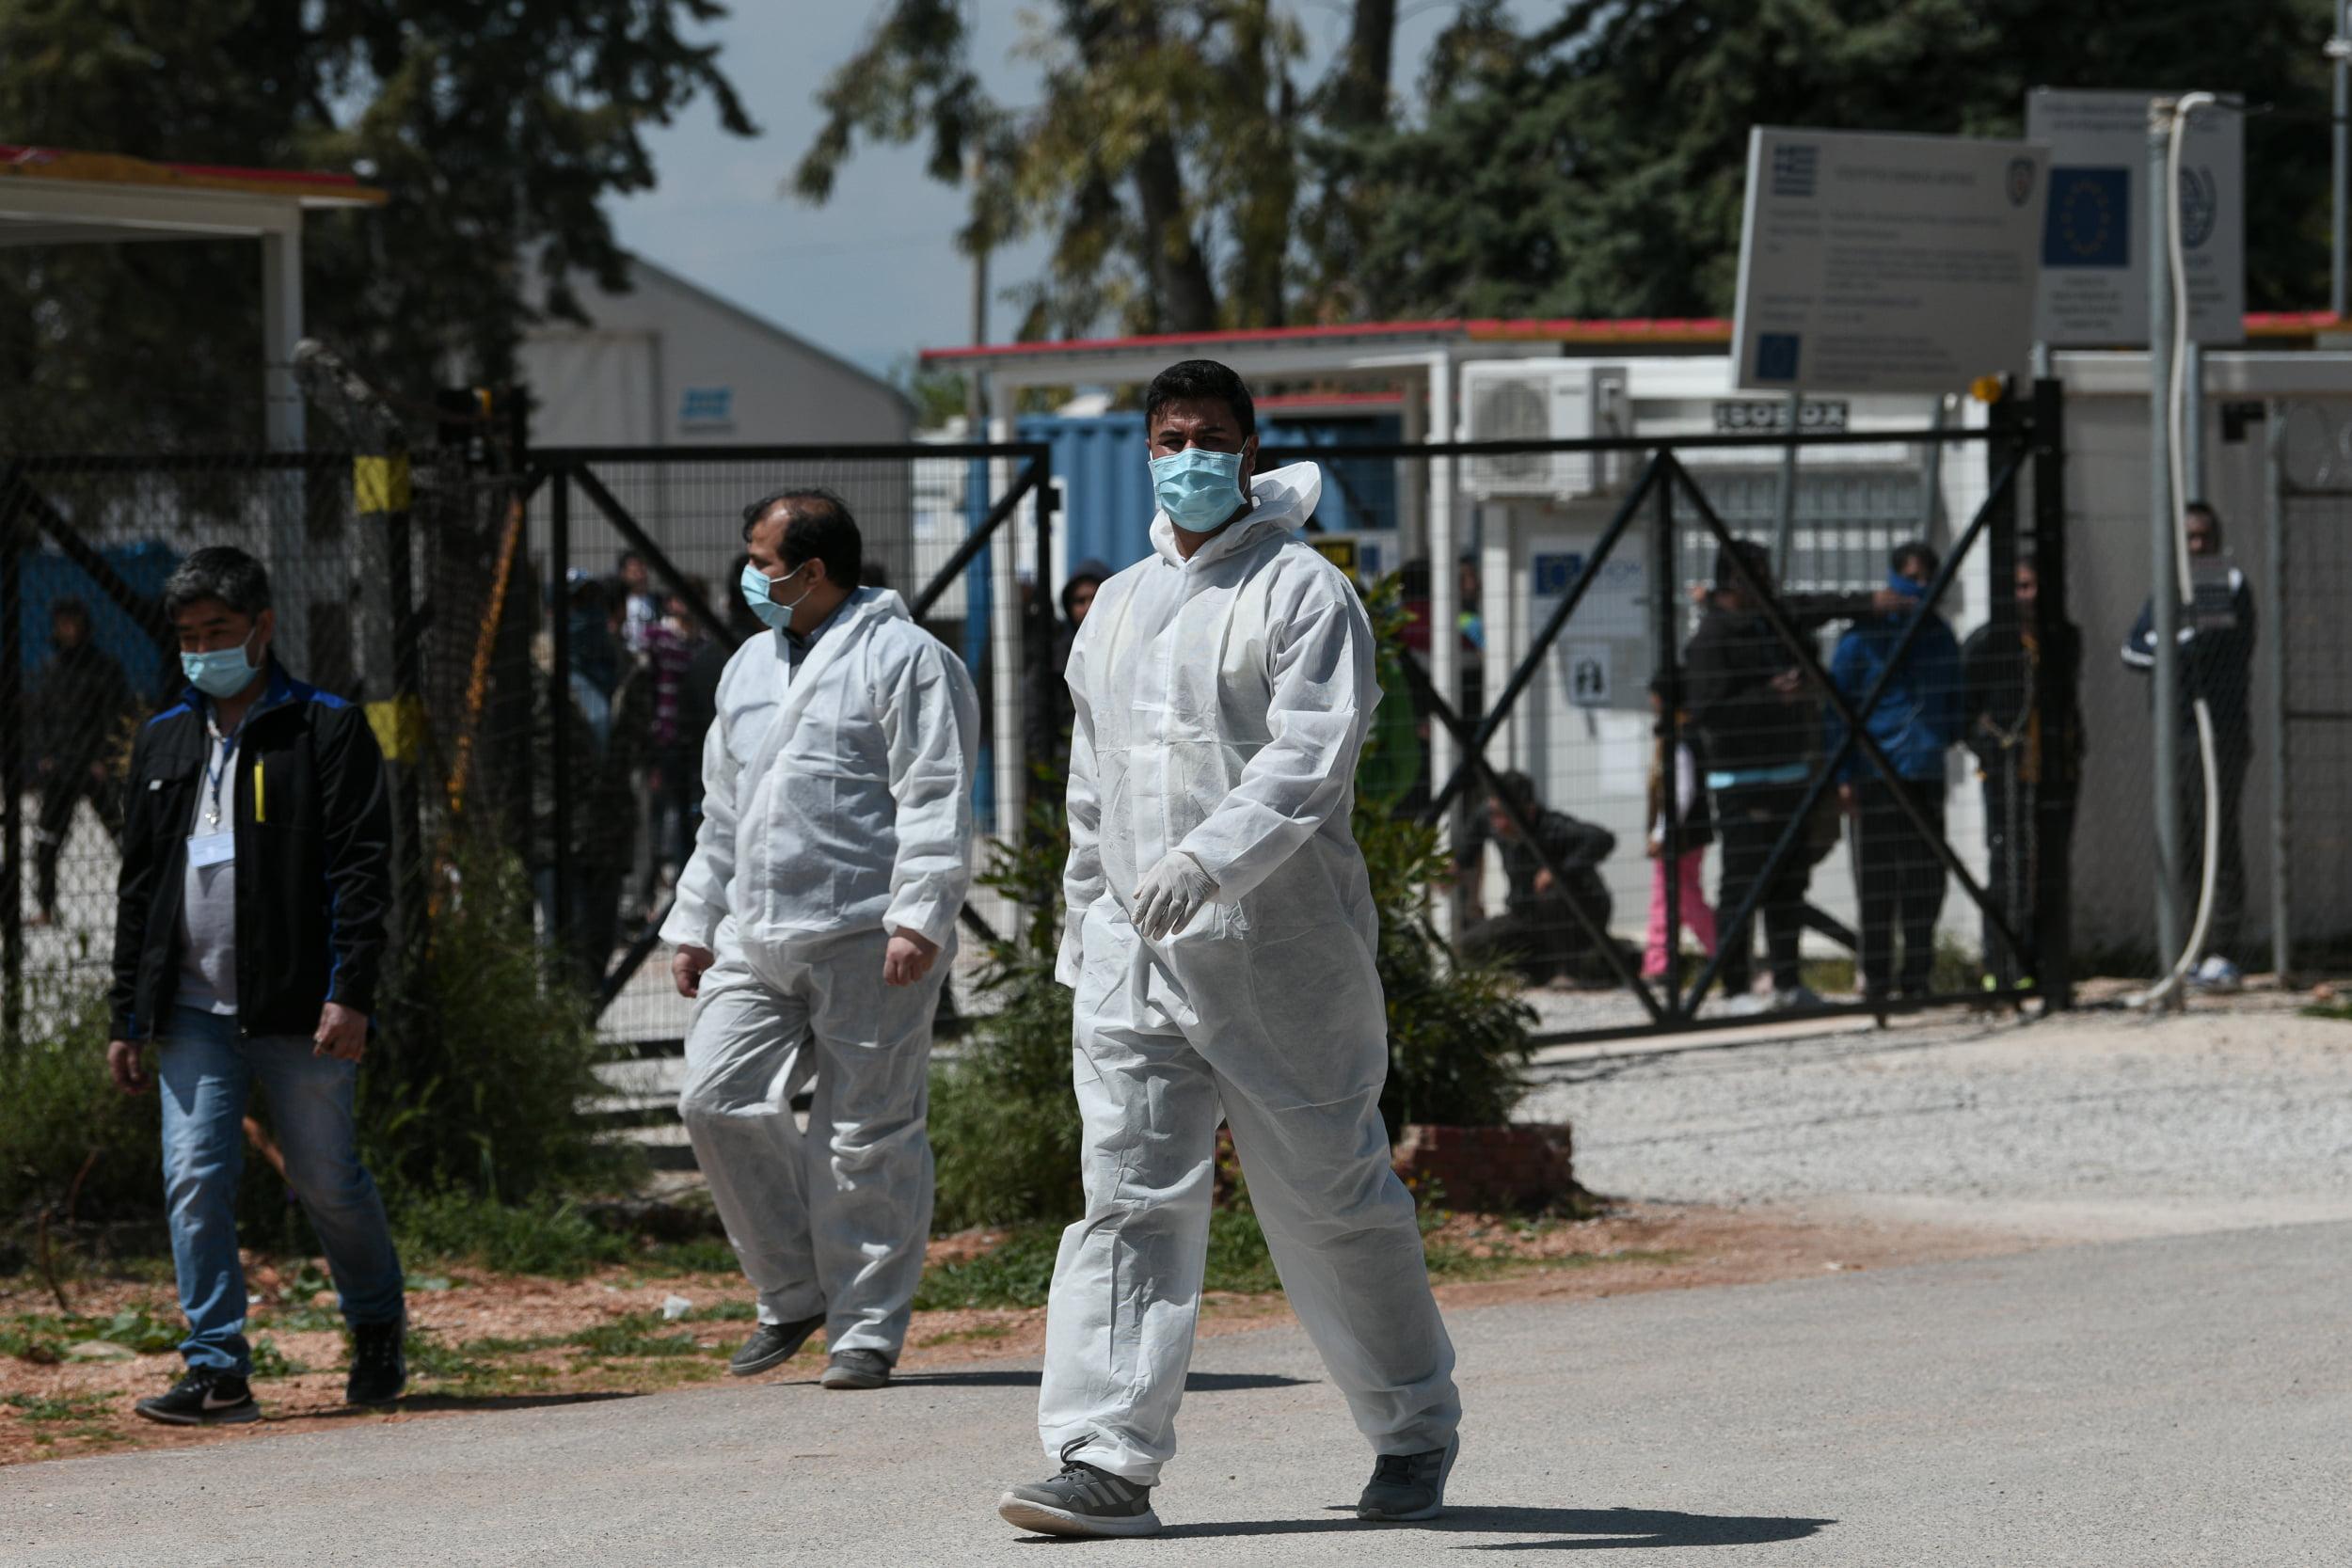 Κορονοϊός: πιθανή νέα καραντίνα – υψηλά τα ποσοστά λαθρομεταναστών στα νοσοκομεία